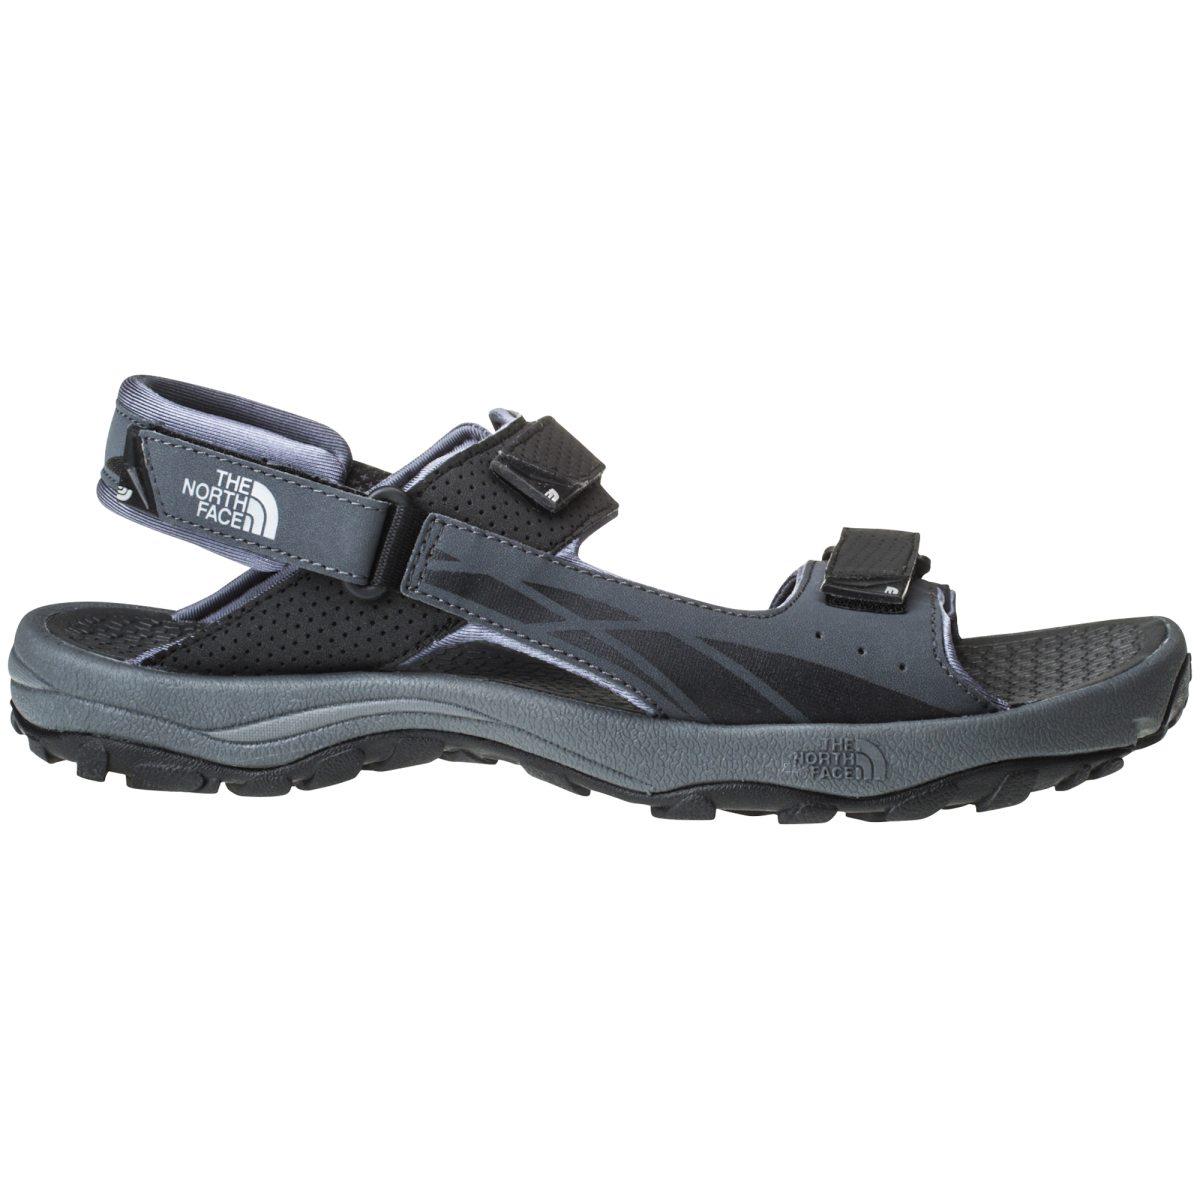 Herr sandal sko, denimjeanssvart. Rieker.